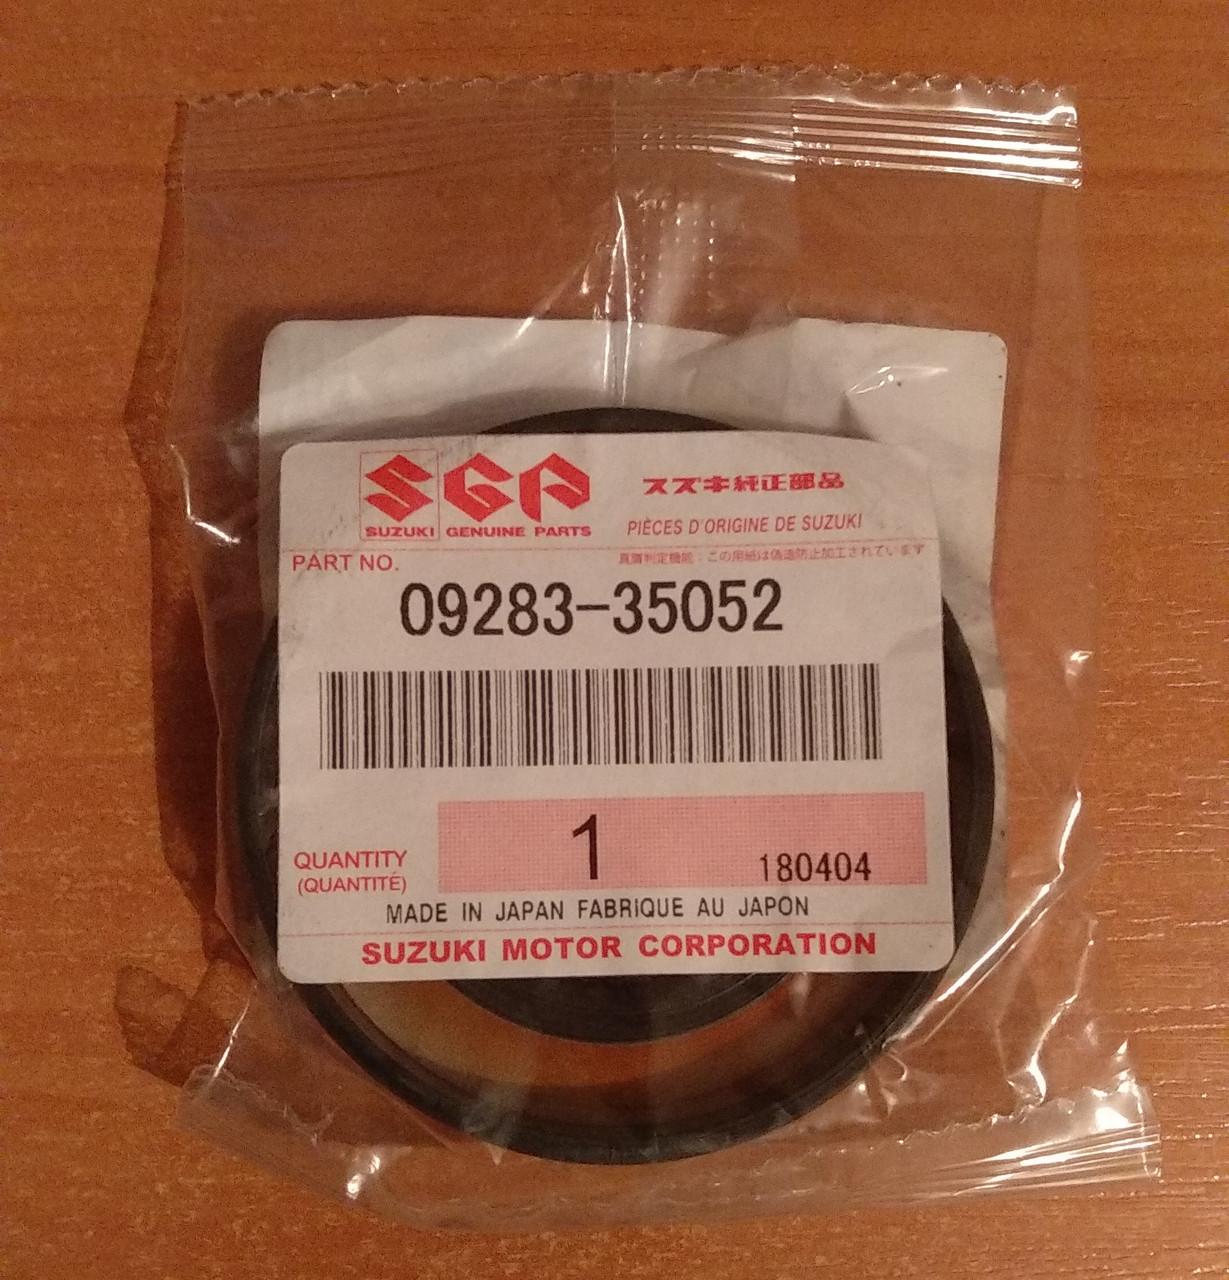 Сальник привода переднего моста (35Х62Х10) 09283-35052 / 09283-35008